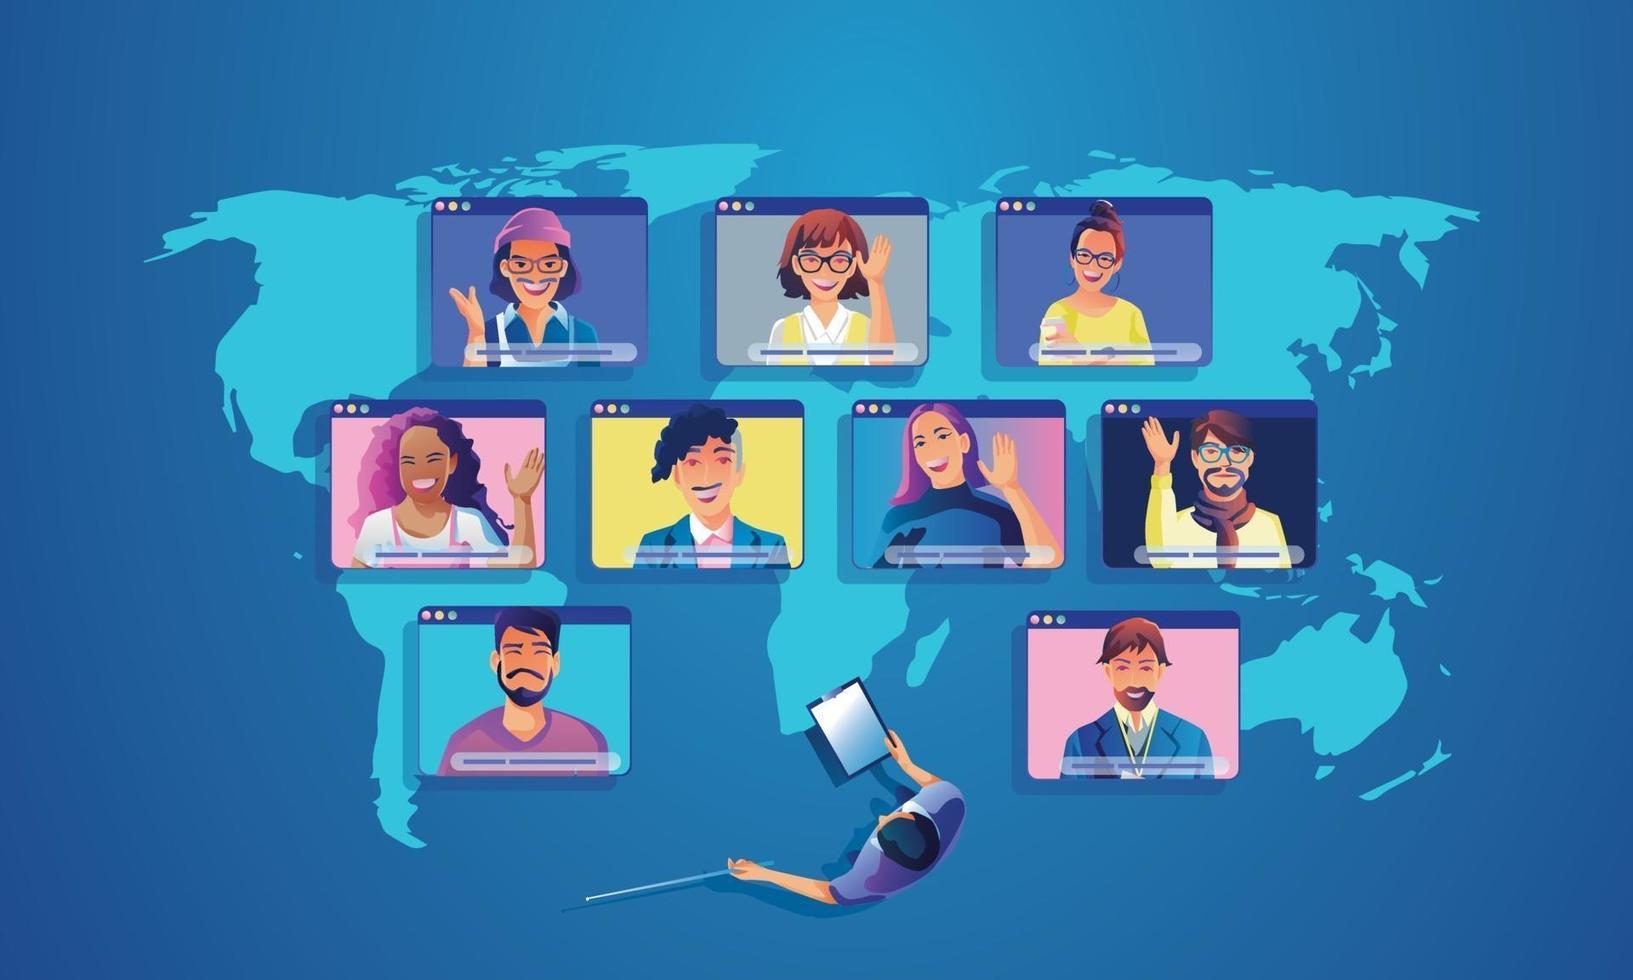 affärsmän använder videokonferens landning arbetar ovanifrån människor på fönster skärmen tar med kollegor. fjärrarbetande videokonferens och online-mötesarbetsplats sida man kvinna lärande vektor